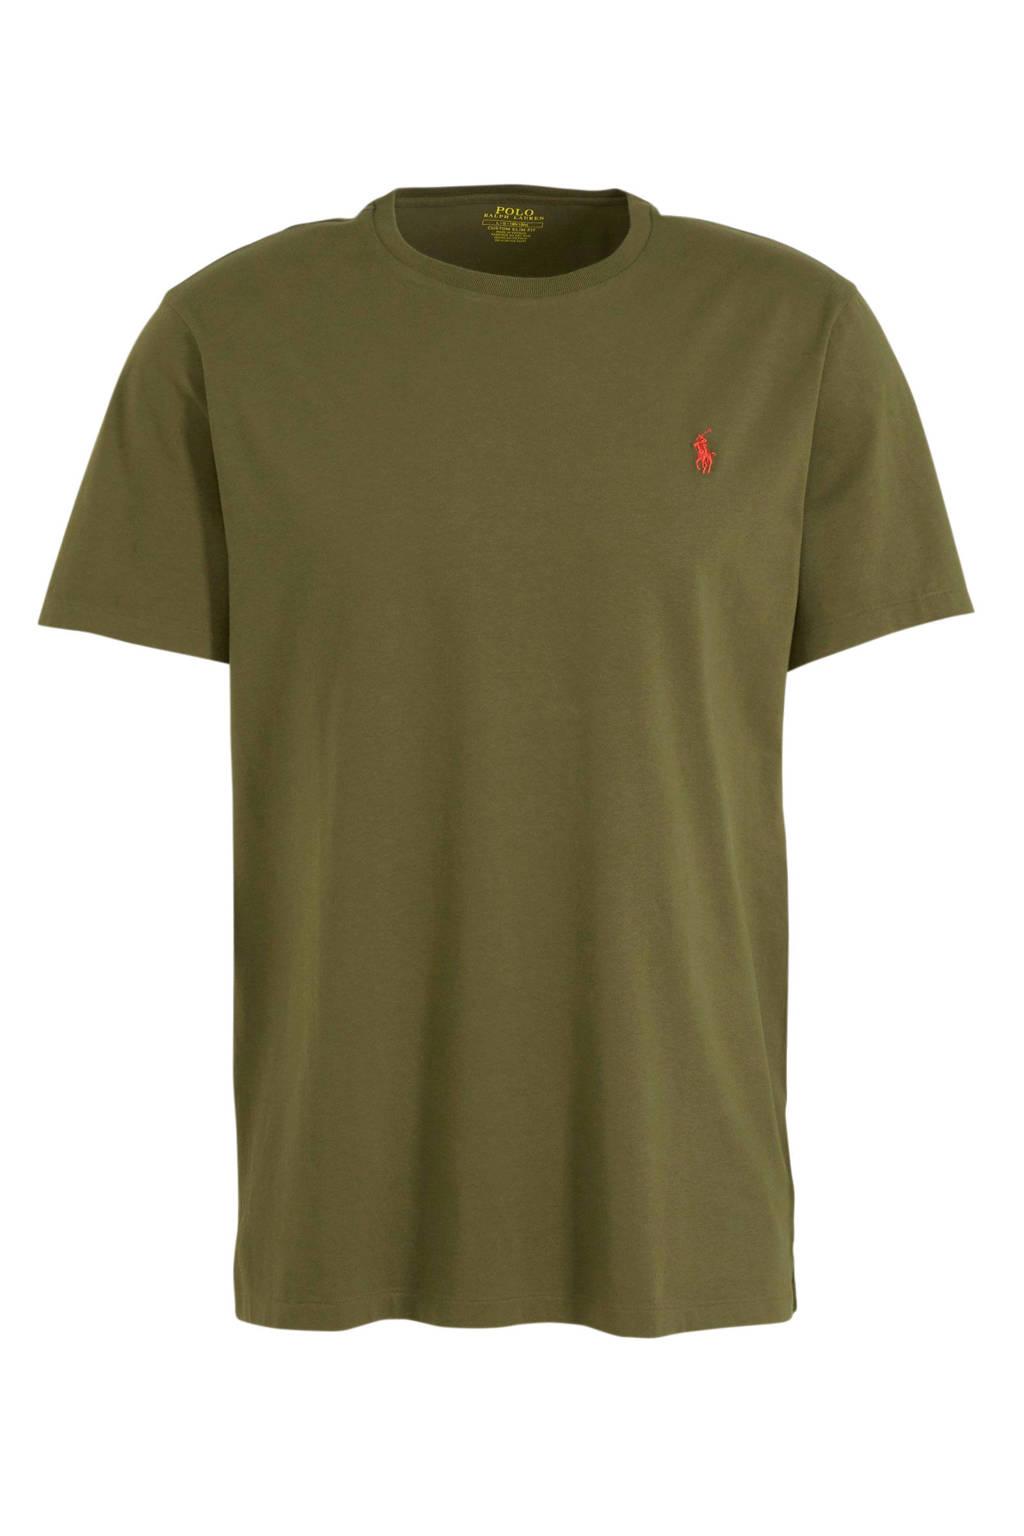 POLO Ralph Lauren T-shirt met logo mosgroen, Mosgroen